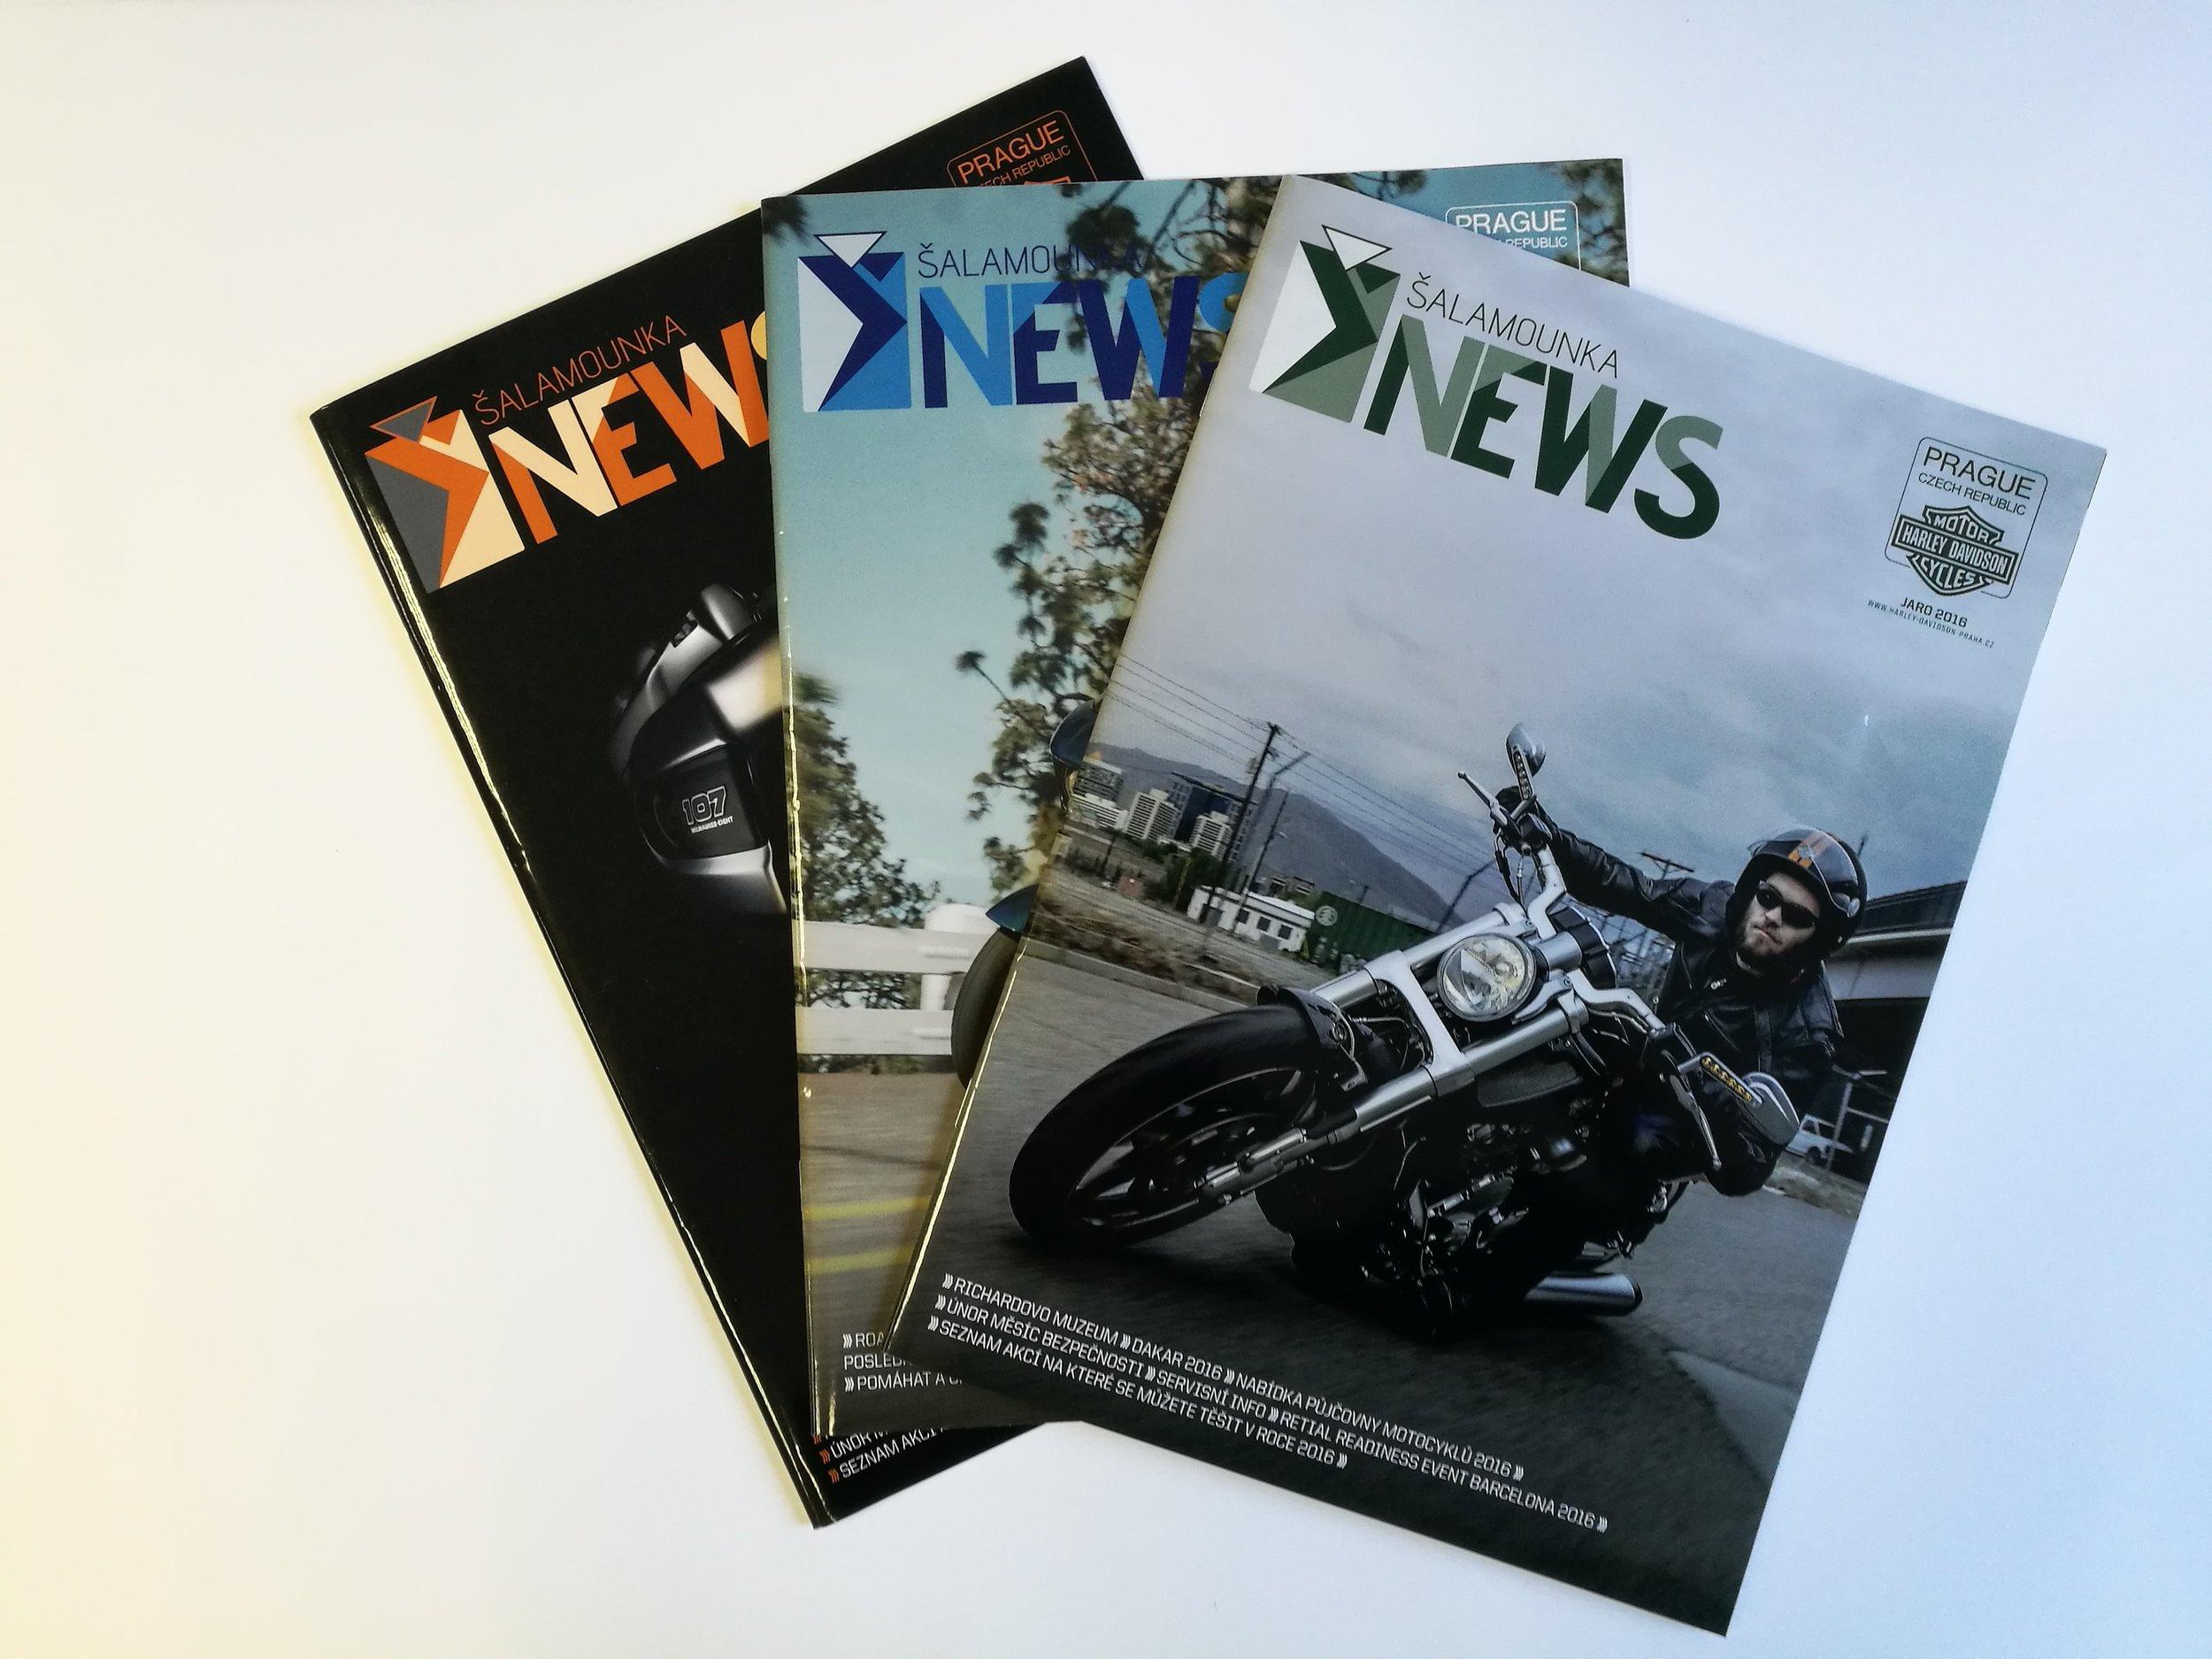 Periodický tisk časopisů.jpg